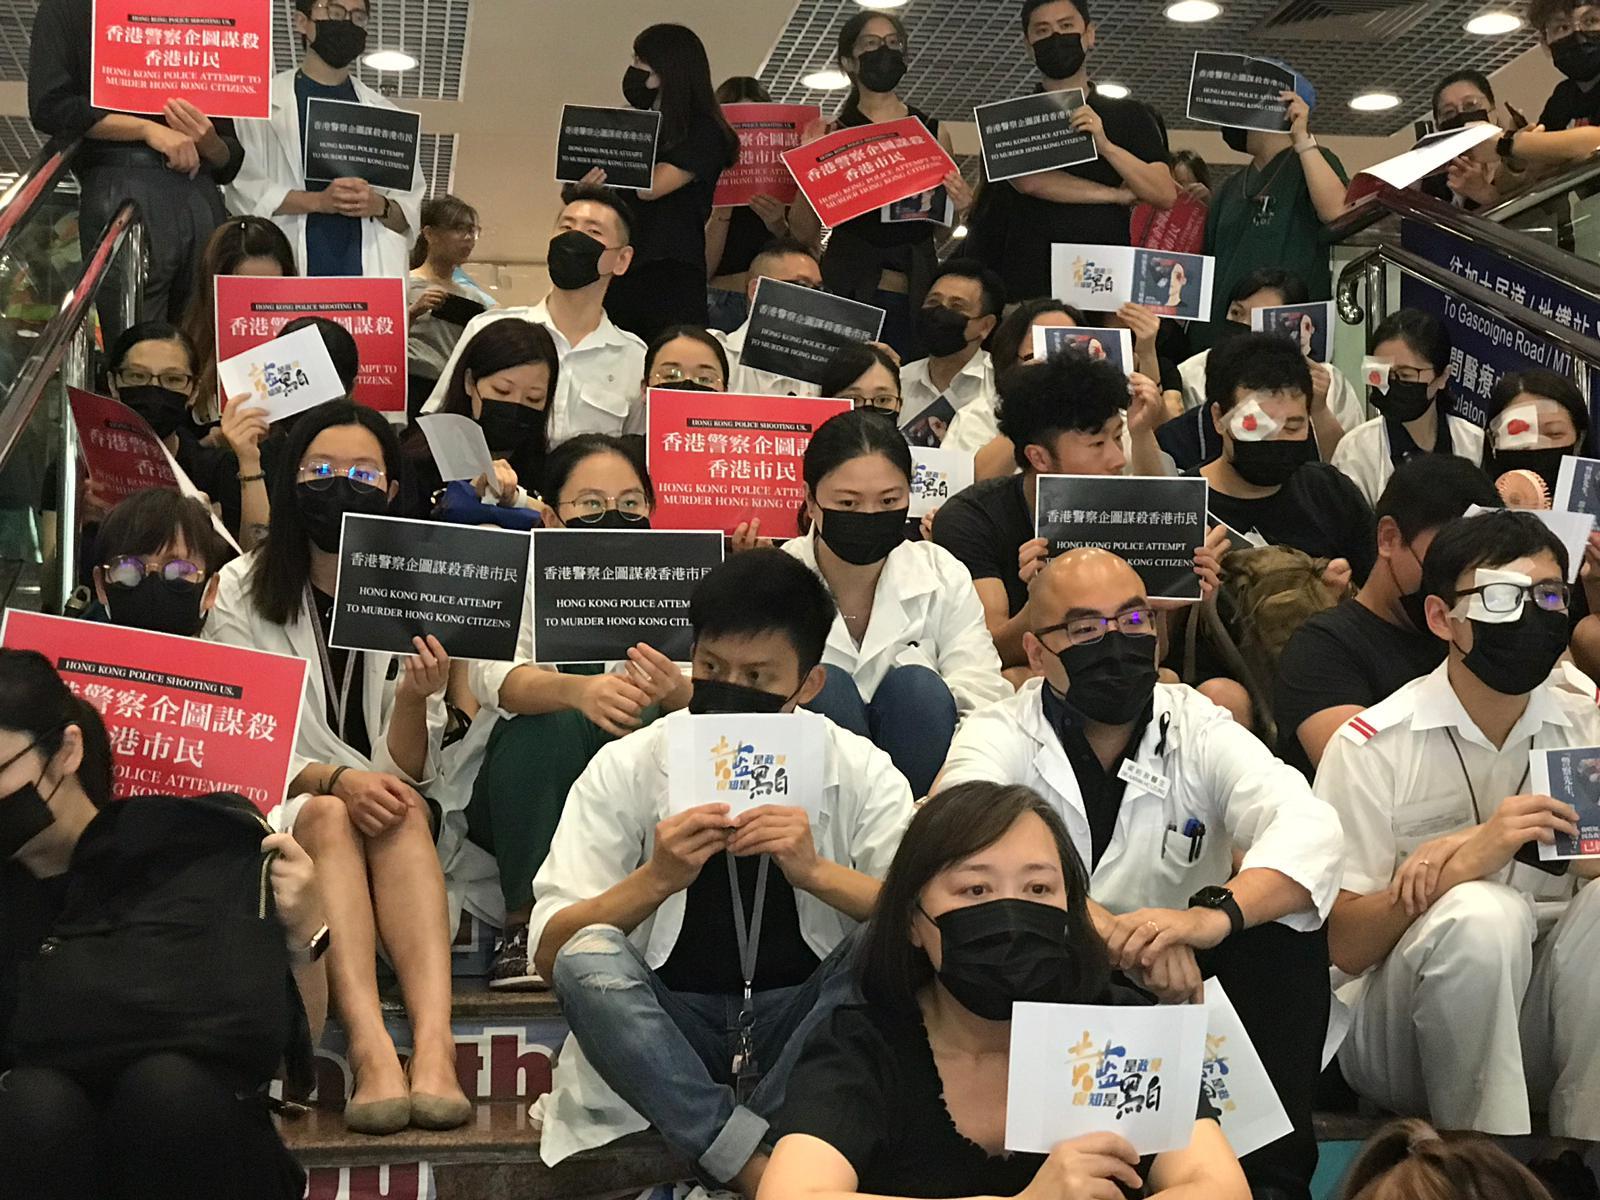 伊利沙伯醫院醫護人員靜坐抗議。